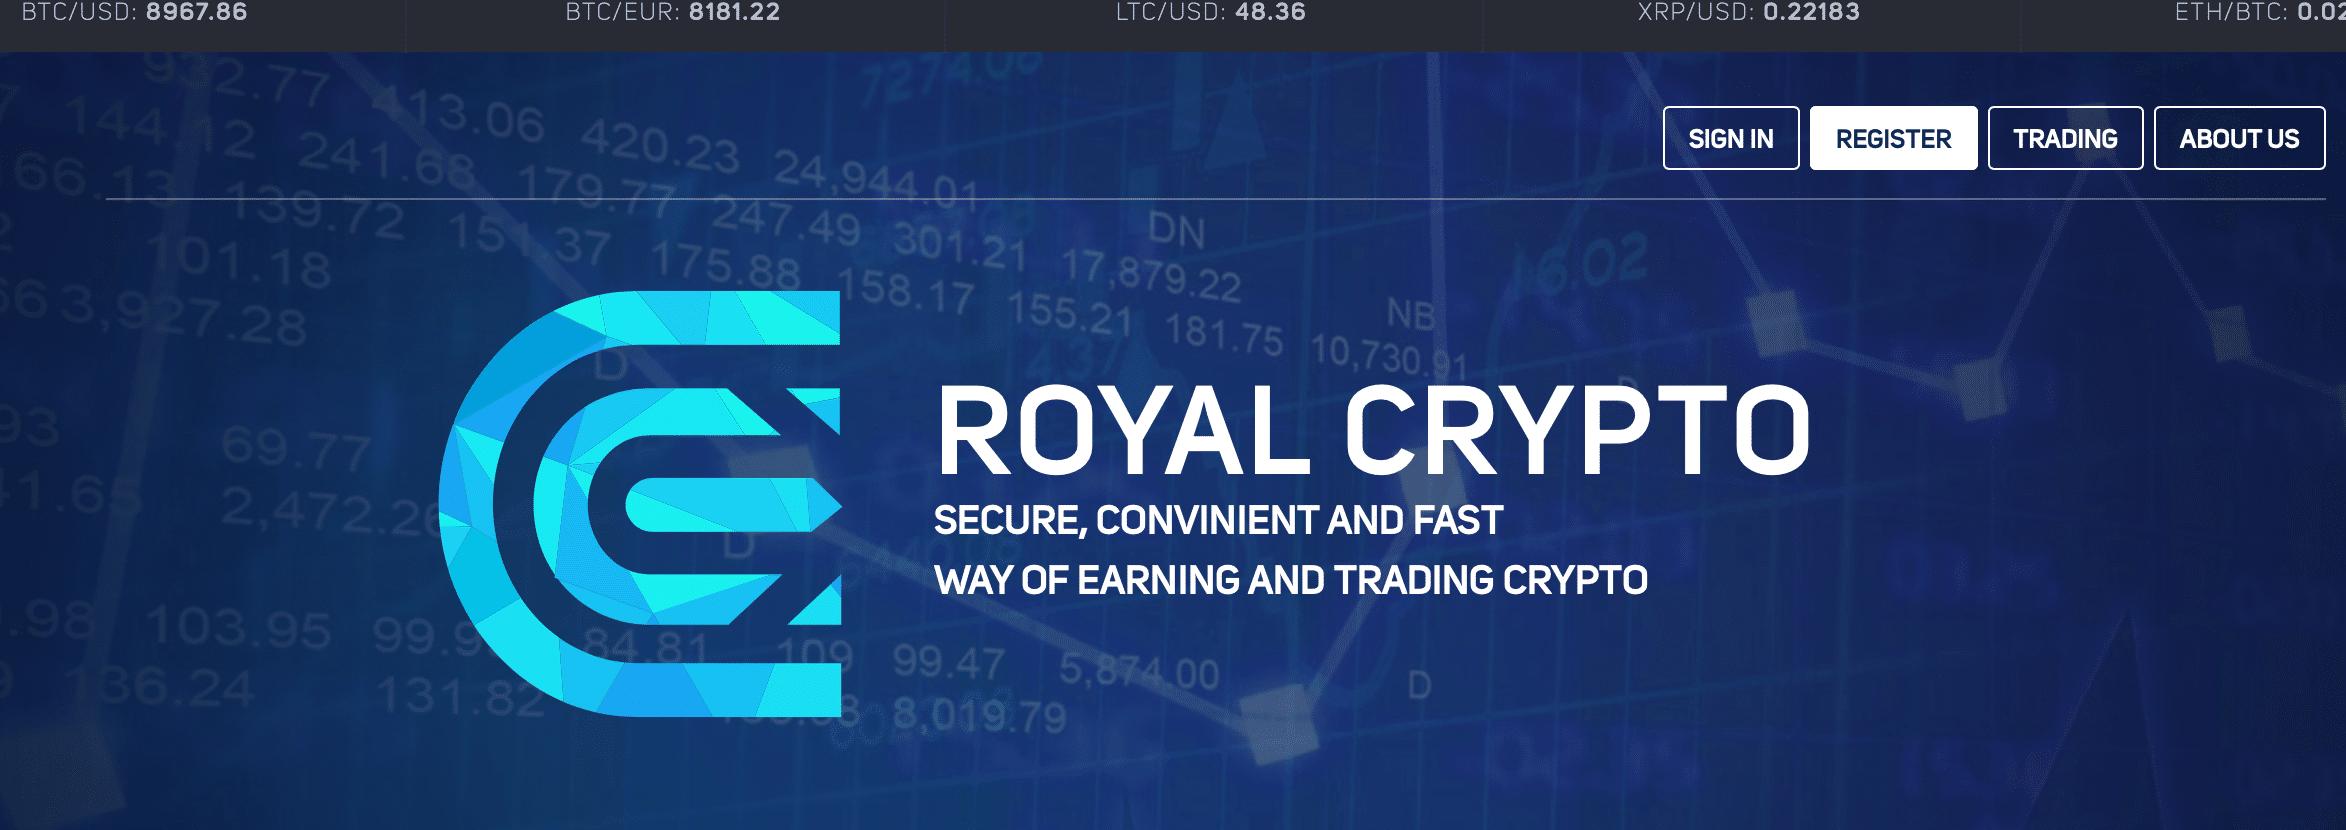 Royal Crypto Truffa o Funziona? Recensioni ed opinioni